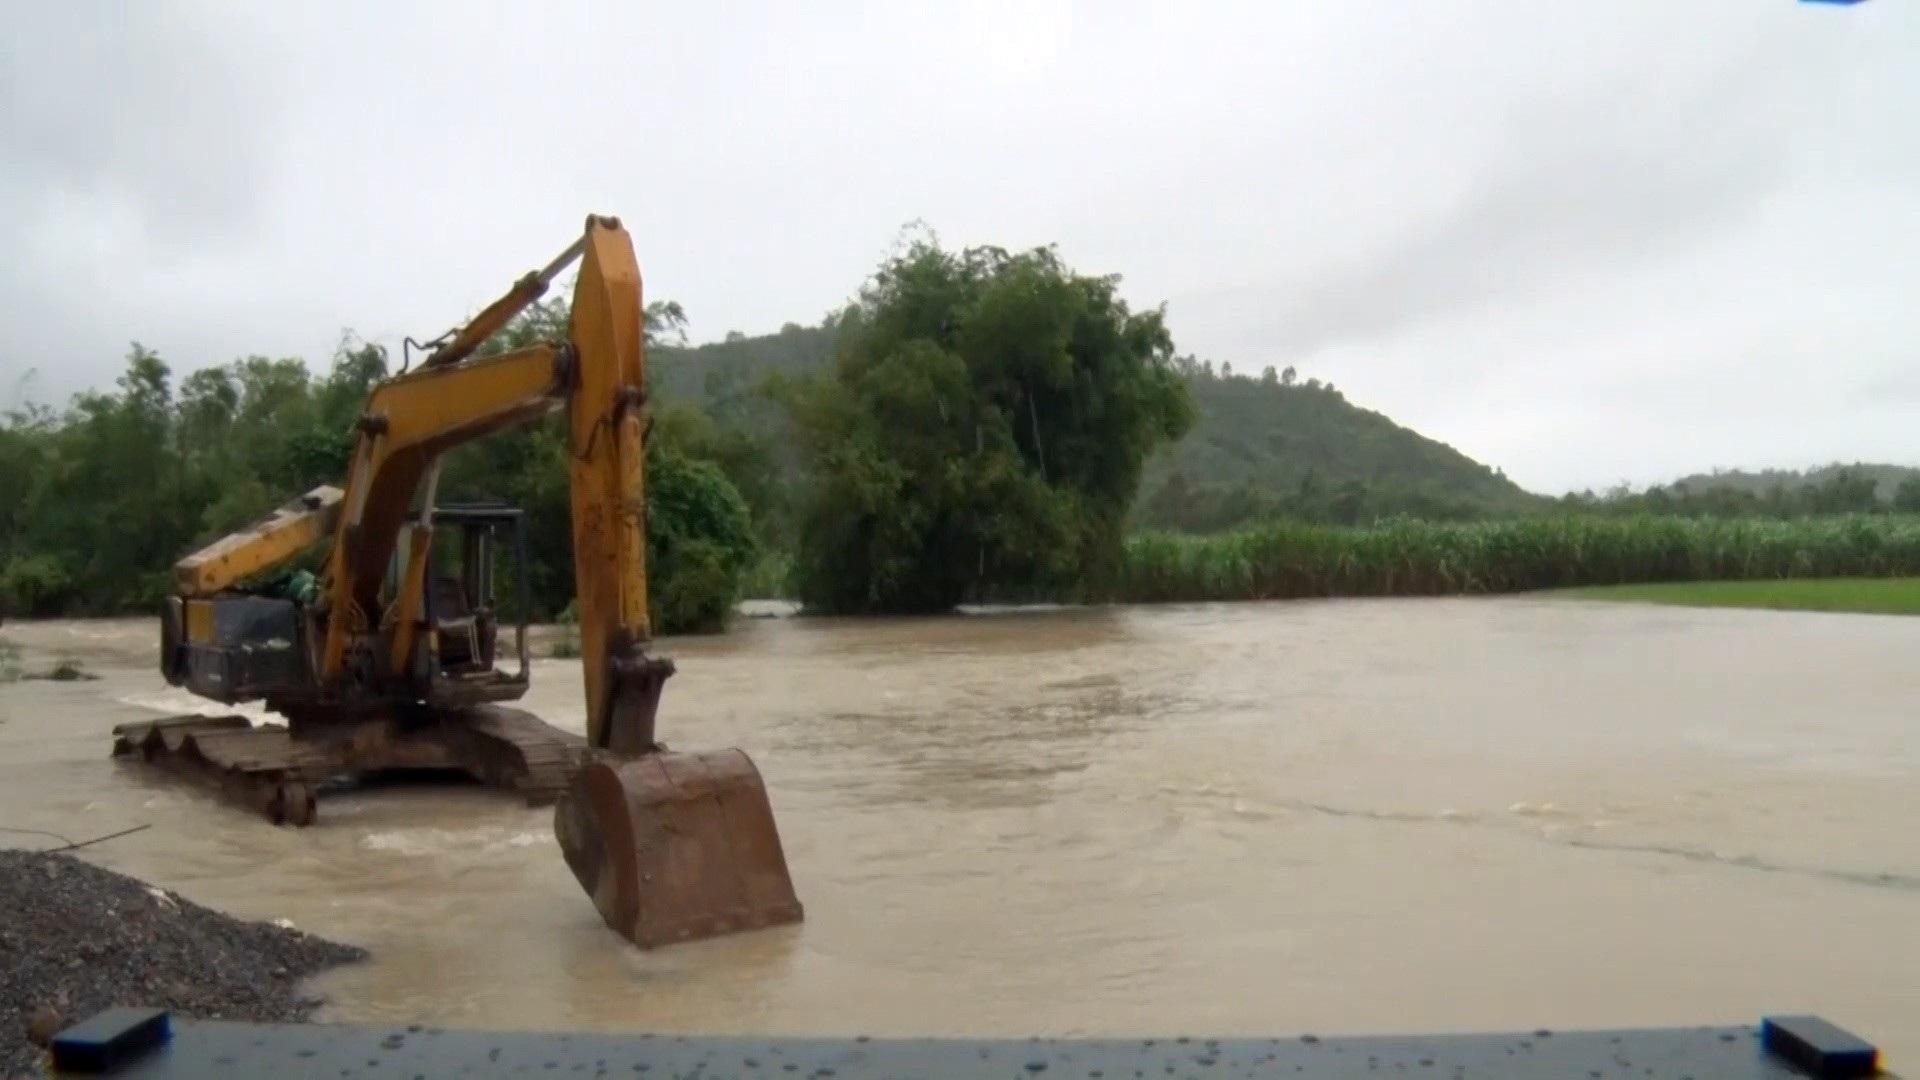 Hồ thủy điện thủy lợi tiếp tục xả lũ, 1 người bị lũ cuốn trôi - Ảnh 4.